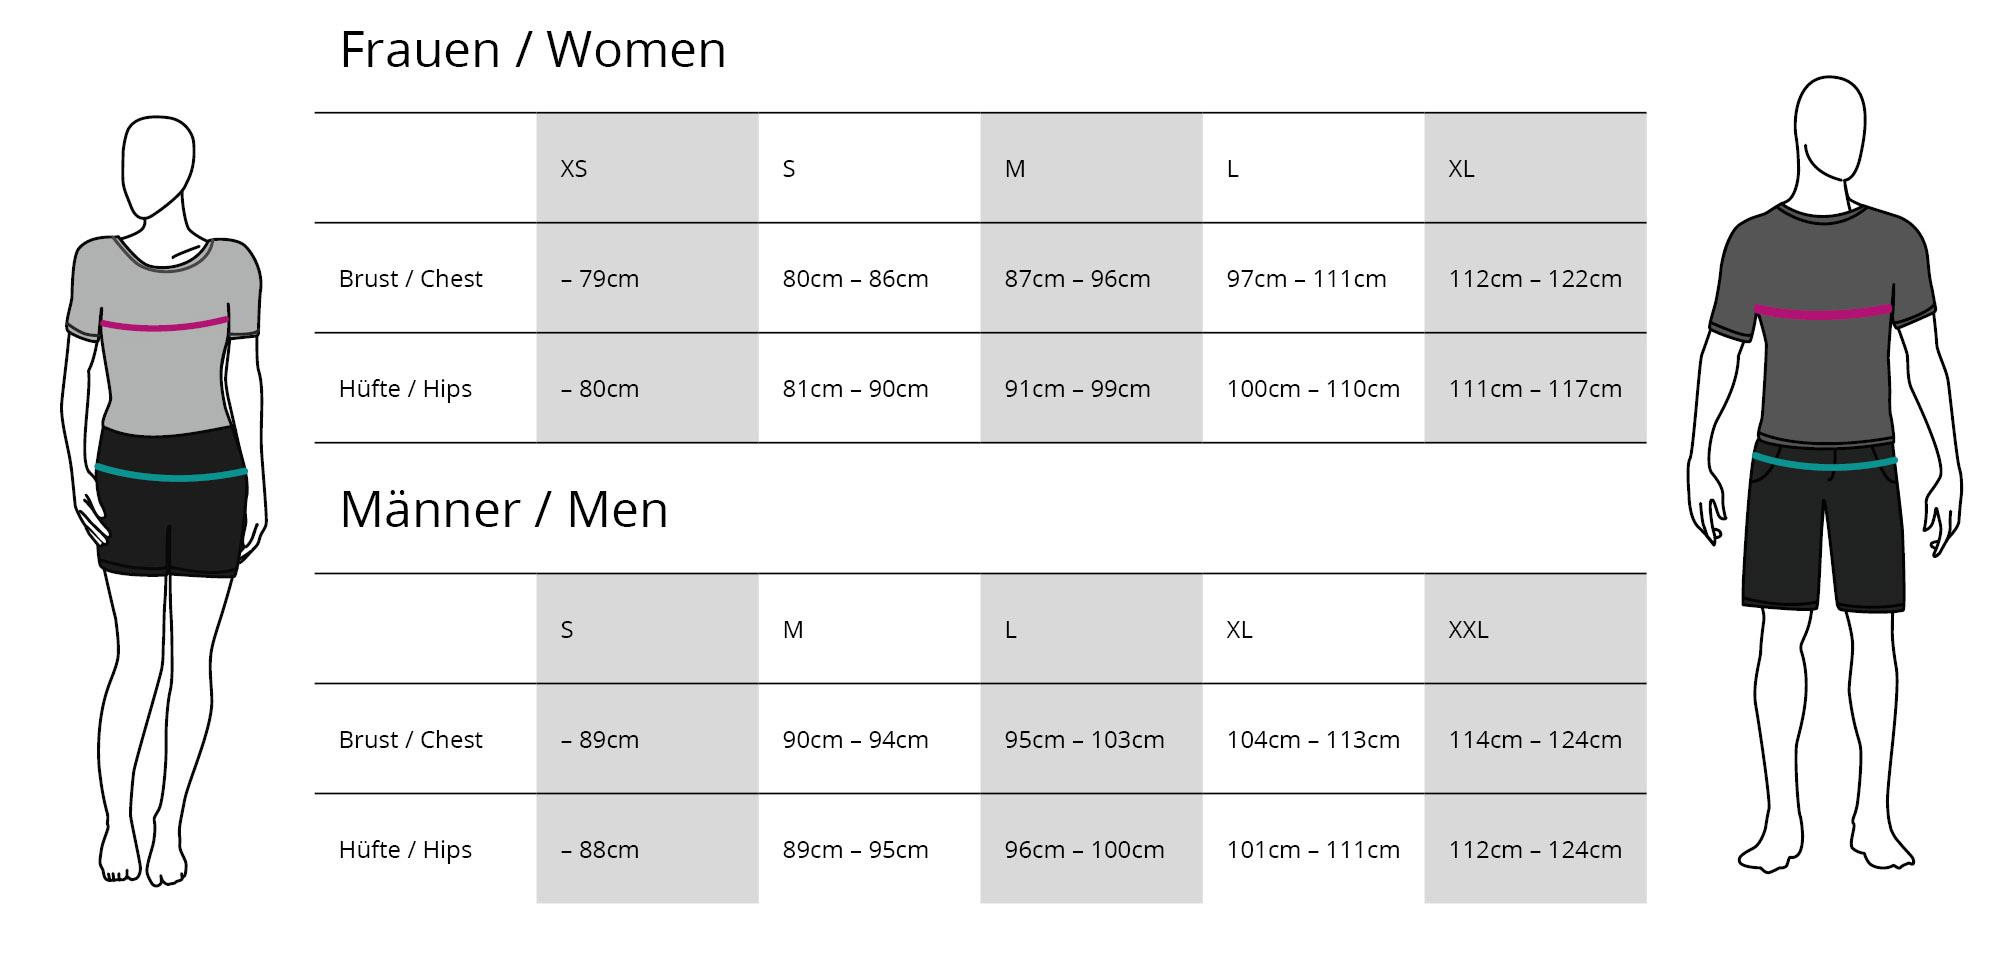 Größen Angaben für Frauen: XS: Brust kleiner als 81 cm, Hüfte kleiner als 82cm S: Brust von 82cm bis 88cm, Hüfte von 83cm bis 92cm M: Brust von 89cm bis 98cm, Hüfte von 93cm bis 101cm L: Brust von 99cm bis 113cm, Hüfte von 102cm bis 112cm XL: Brust von 114cm bis 124cm, Hüfte von 113cm bis 119cm Größen Angaben für Männer: S: Brust kleiner als 91, Hüfte kleiner als 90 M: Brust von 92cm bis 96cm, Hüfte von 91cm bis 97cm L: Brust von 97cm bis 105cm, Hüfte von 98m bis 102cm XL: Brust von 106cm bis 115cm, Hüfte von 103cm bis 113cm XXL: Brust von 116cm bis 126cm, Hüfte von 114cm bis 126cm